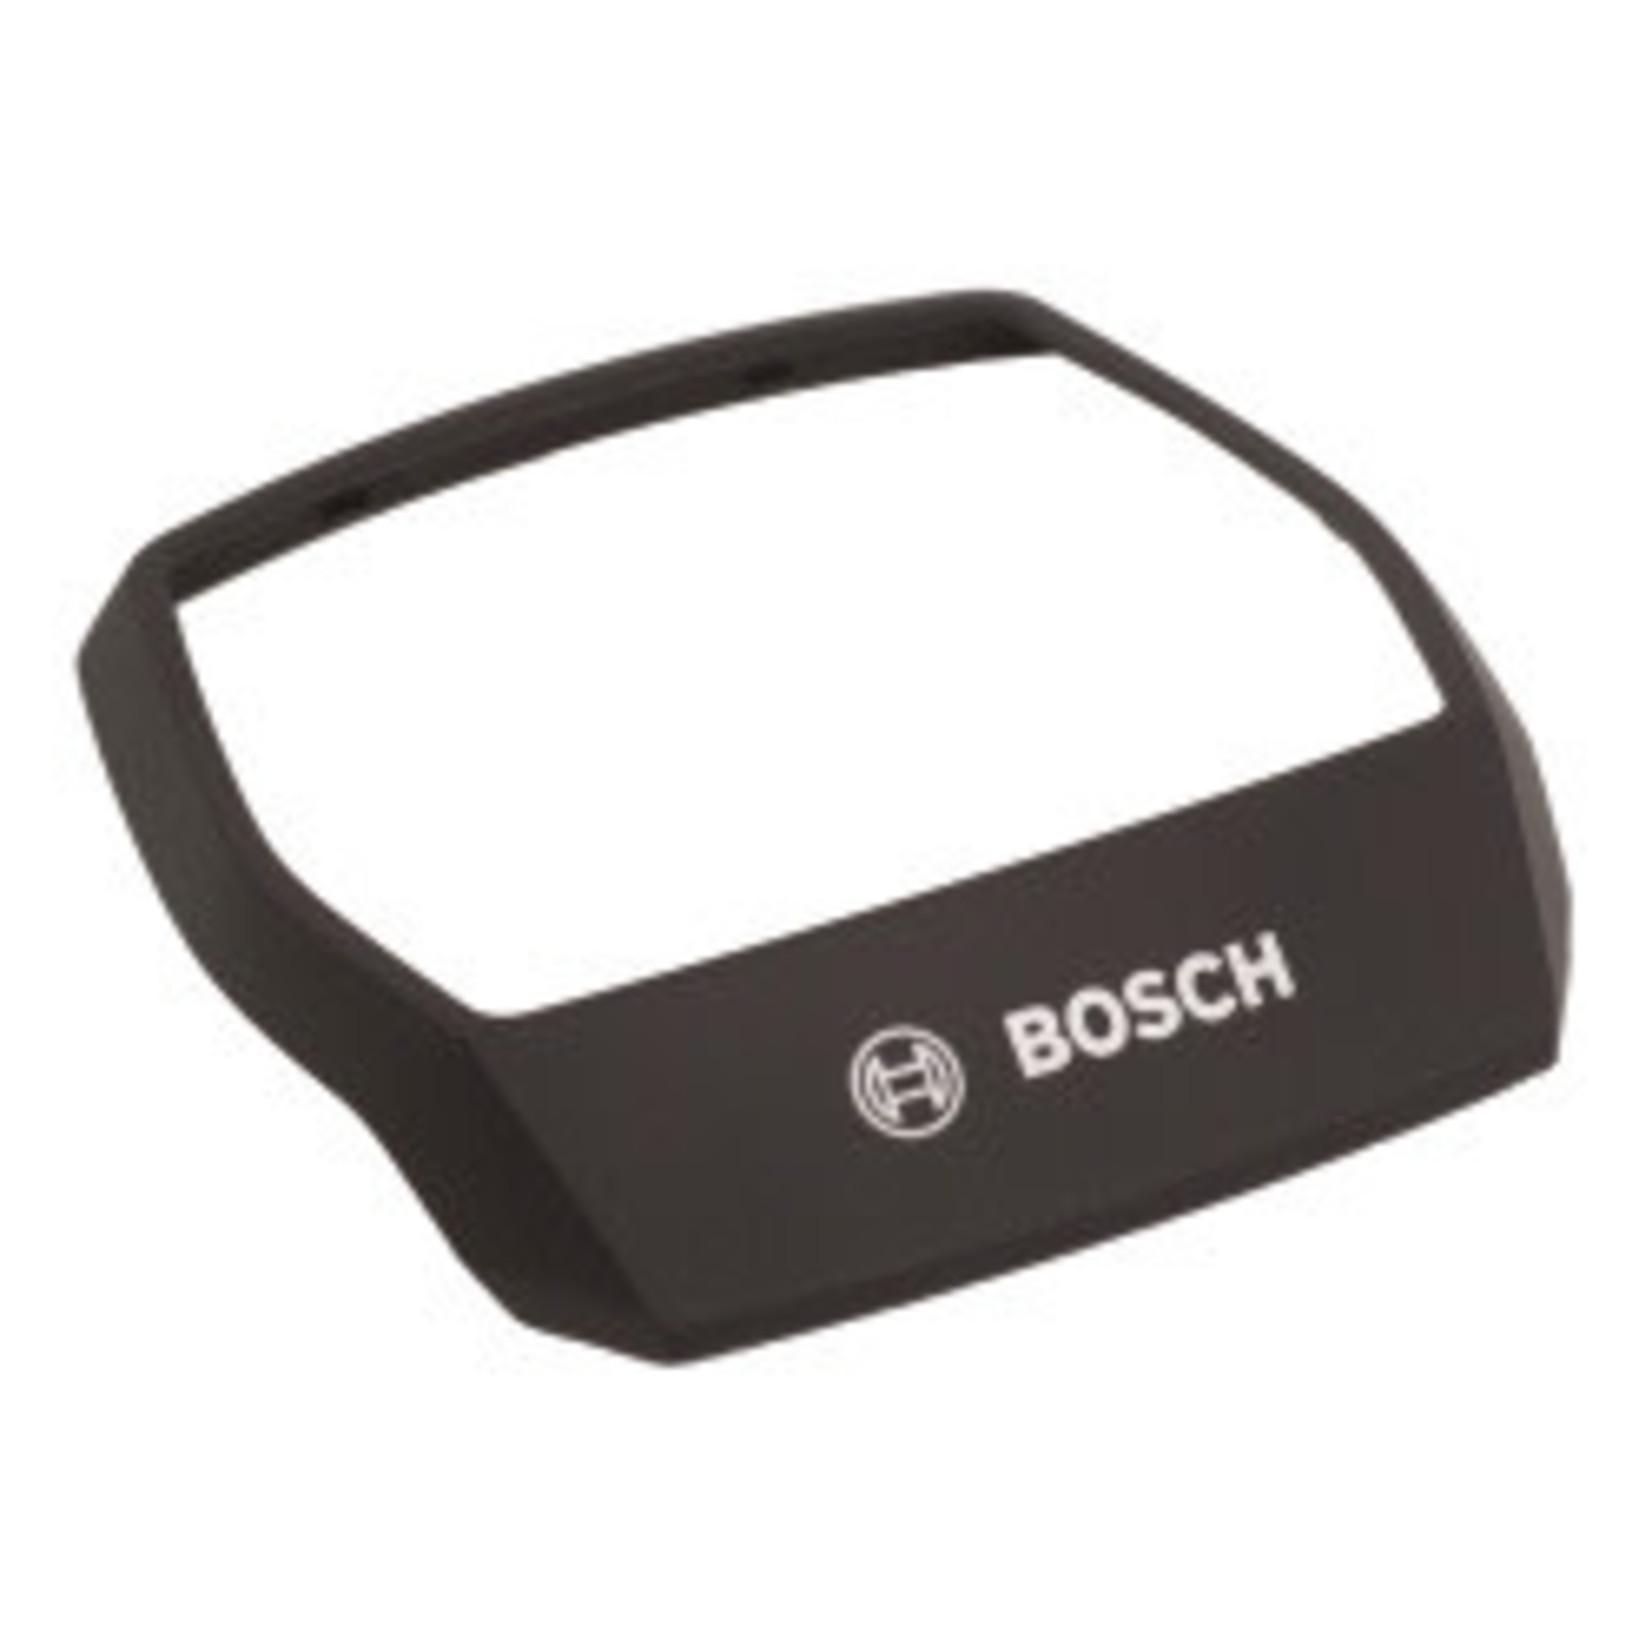 Bosch Bosch Intuvia Cover Antracite